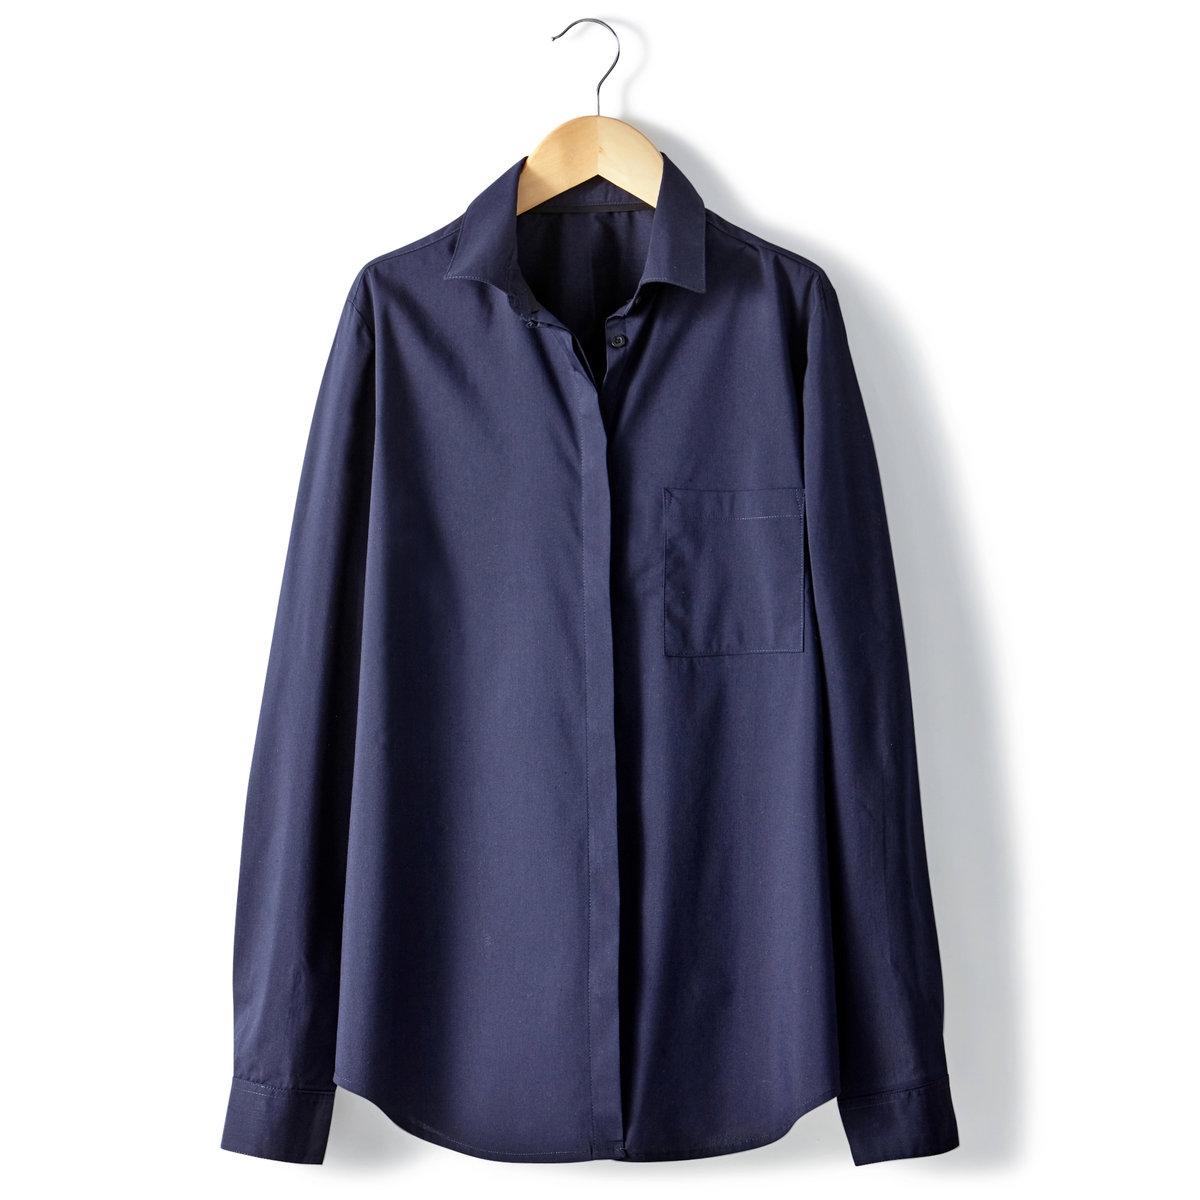 Рубашка однотонная из хлопкового поплина стрейч. Длинные рукава.Рубашка прямого покроя . Однотонный поплин стрейч 69% хлопка, 28% полиамида, 3% эластана. Длинные рукава, манжеты с пуговицами . Накладной нагрудный карман . Закругленный низ . Длина ок.70 см .<br><br>Цвет: синий<br>Размер: 36 (FR) - 42 (RUS)